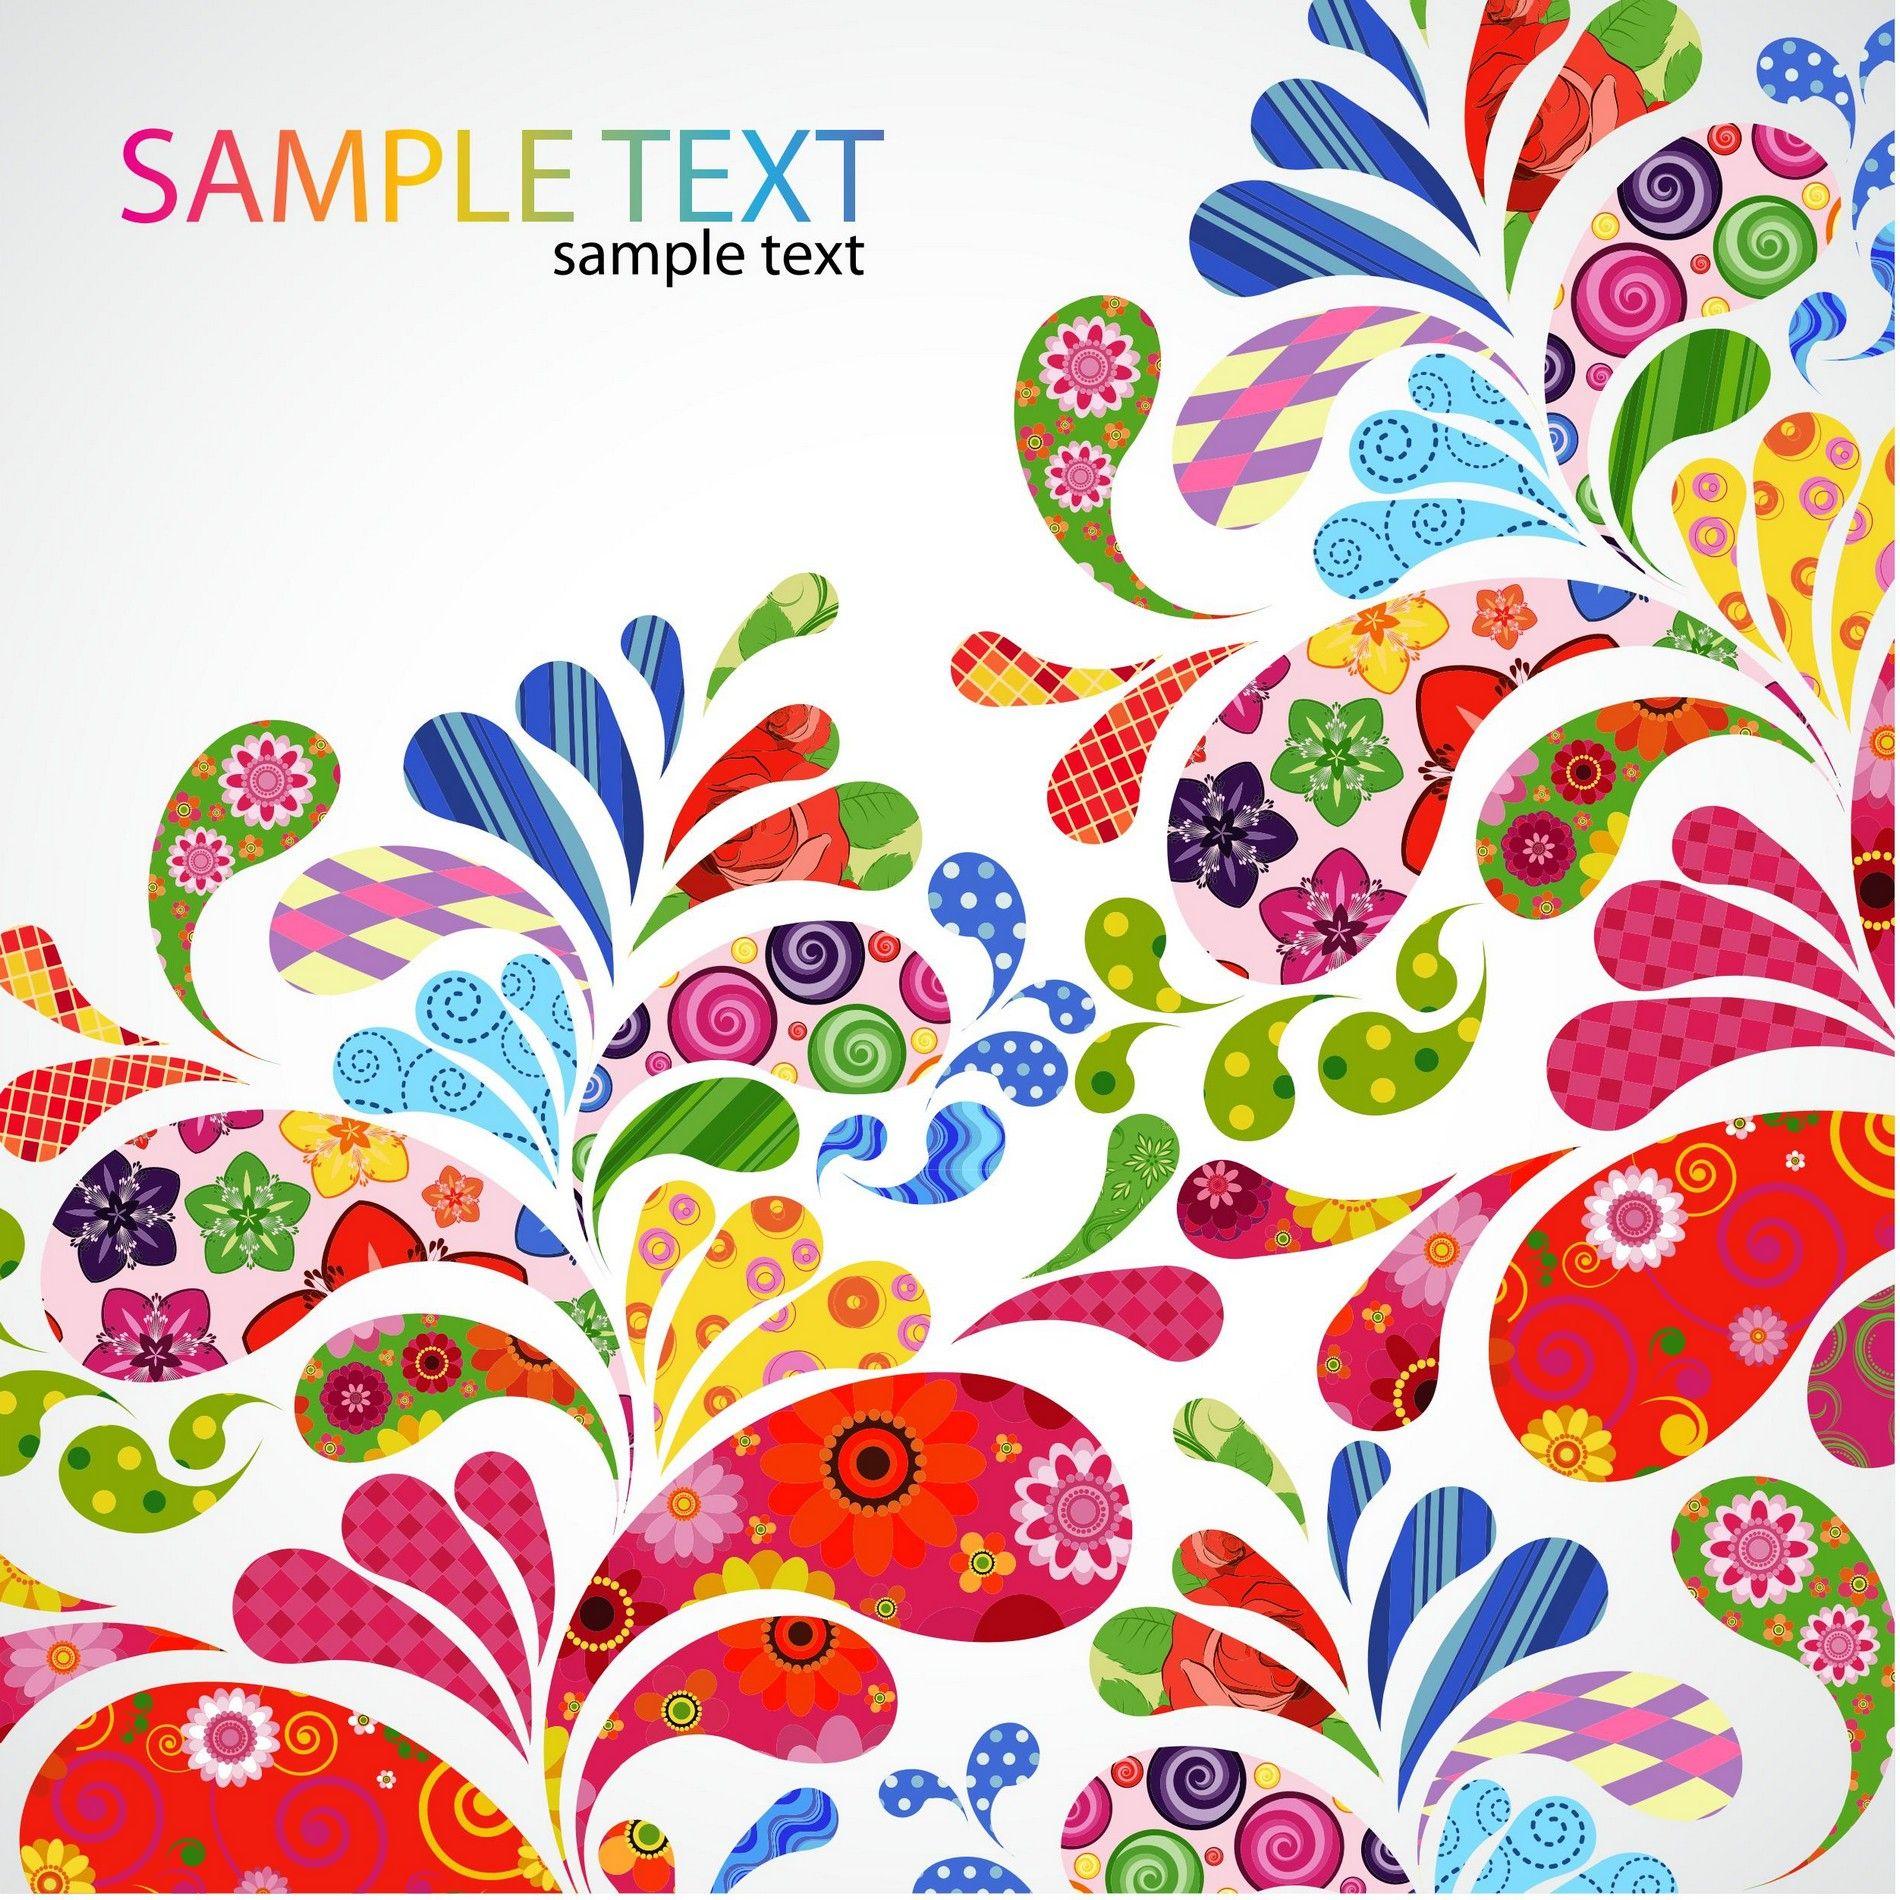 Free Design Patterns Colorful Floral Design Vector [EPS